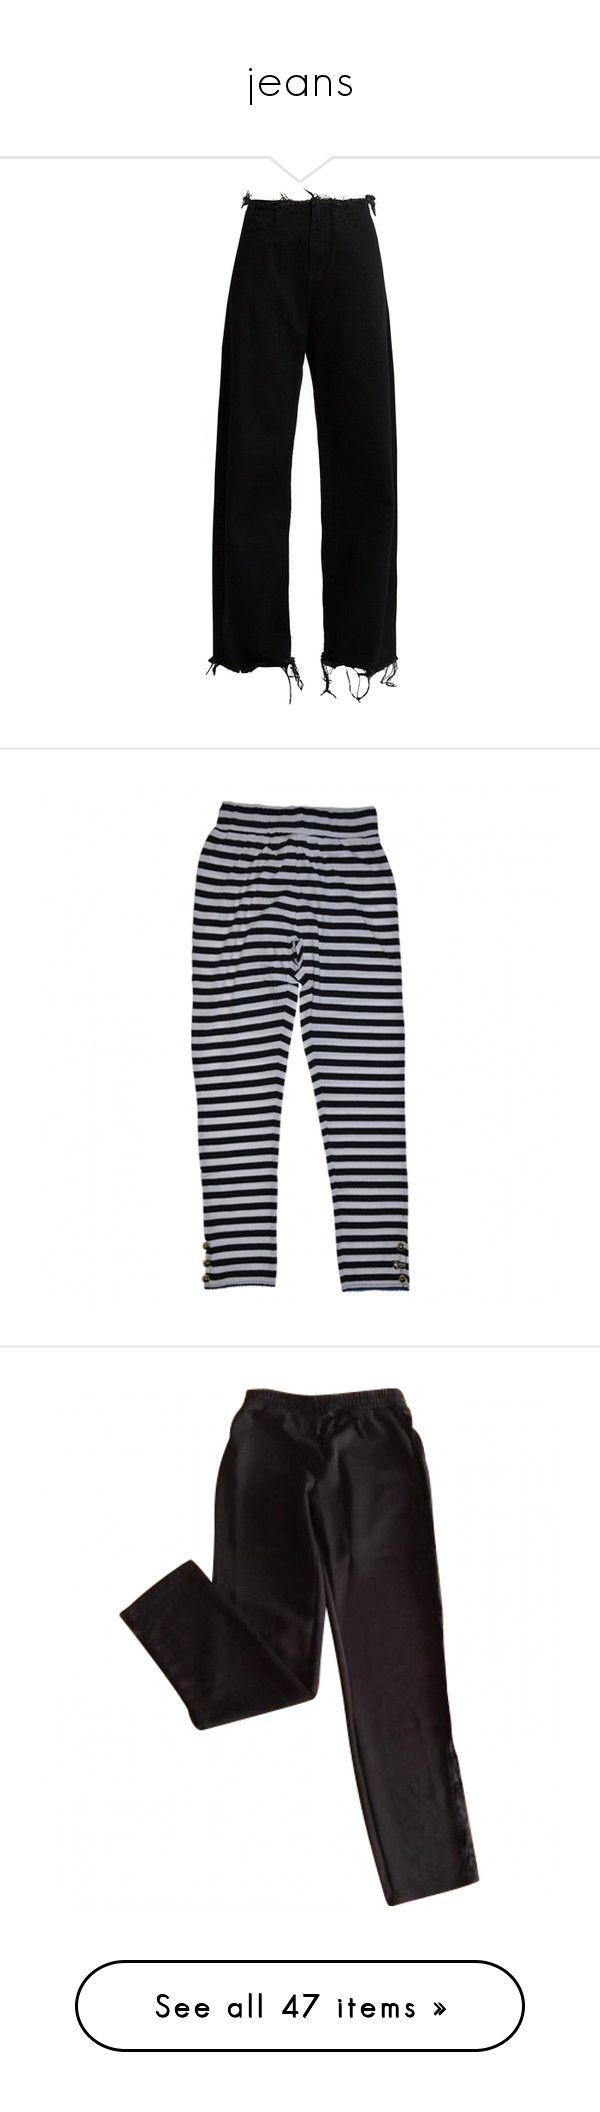 """""""jeans"""" by nicofrg on Polyvore featuring jeans, pants, bottoms, trousers, black, wide leg jeans, denim jeans, frayed edge jeans, wide leg denim jeans y jc de castelbajac"""